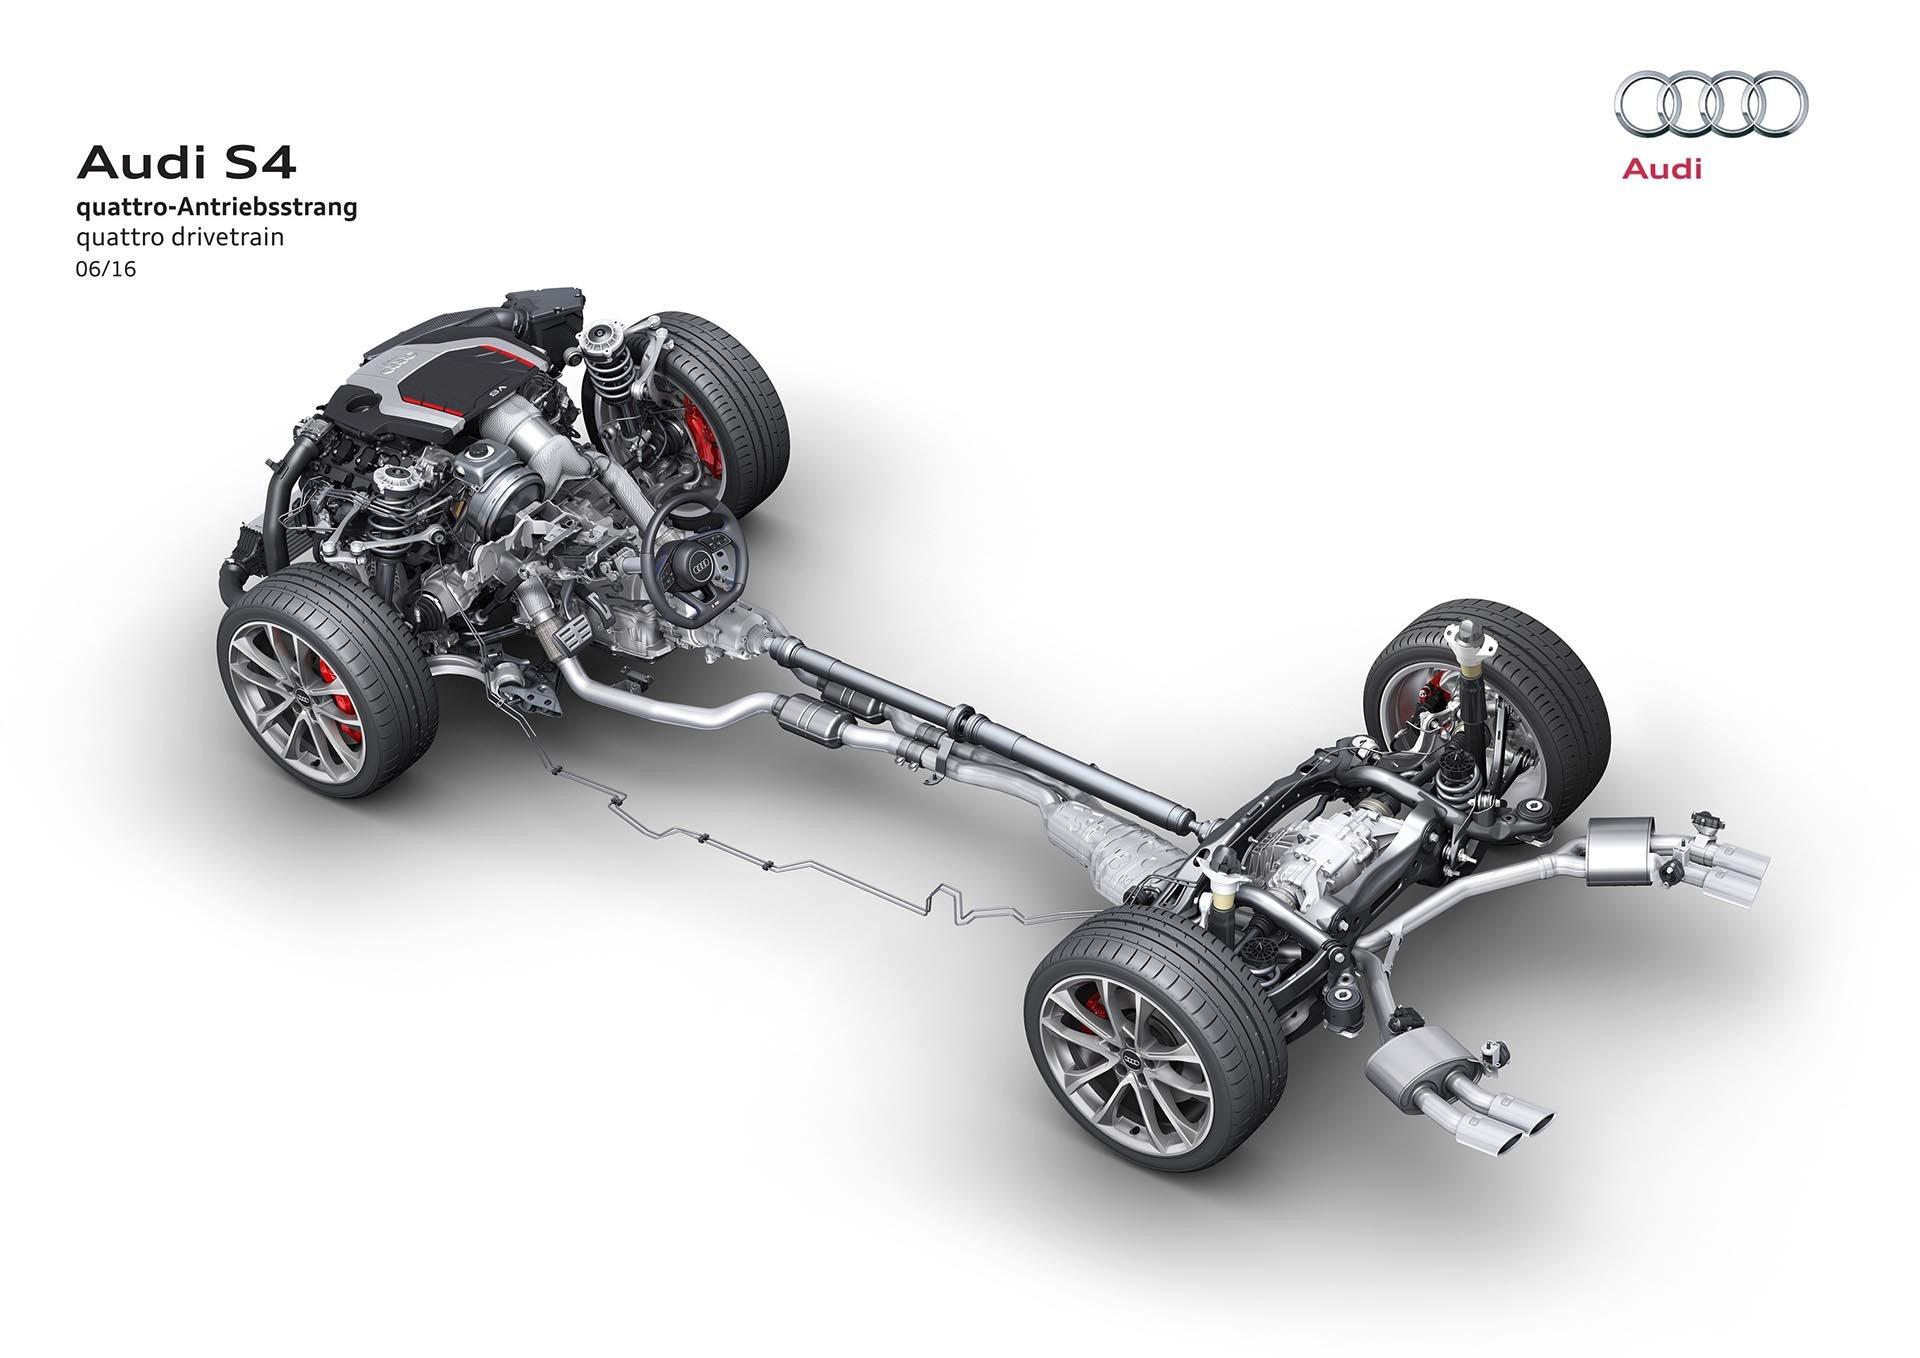 03_Audi Quattro Driveline Diagram